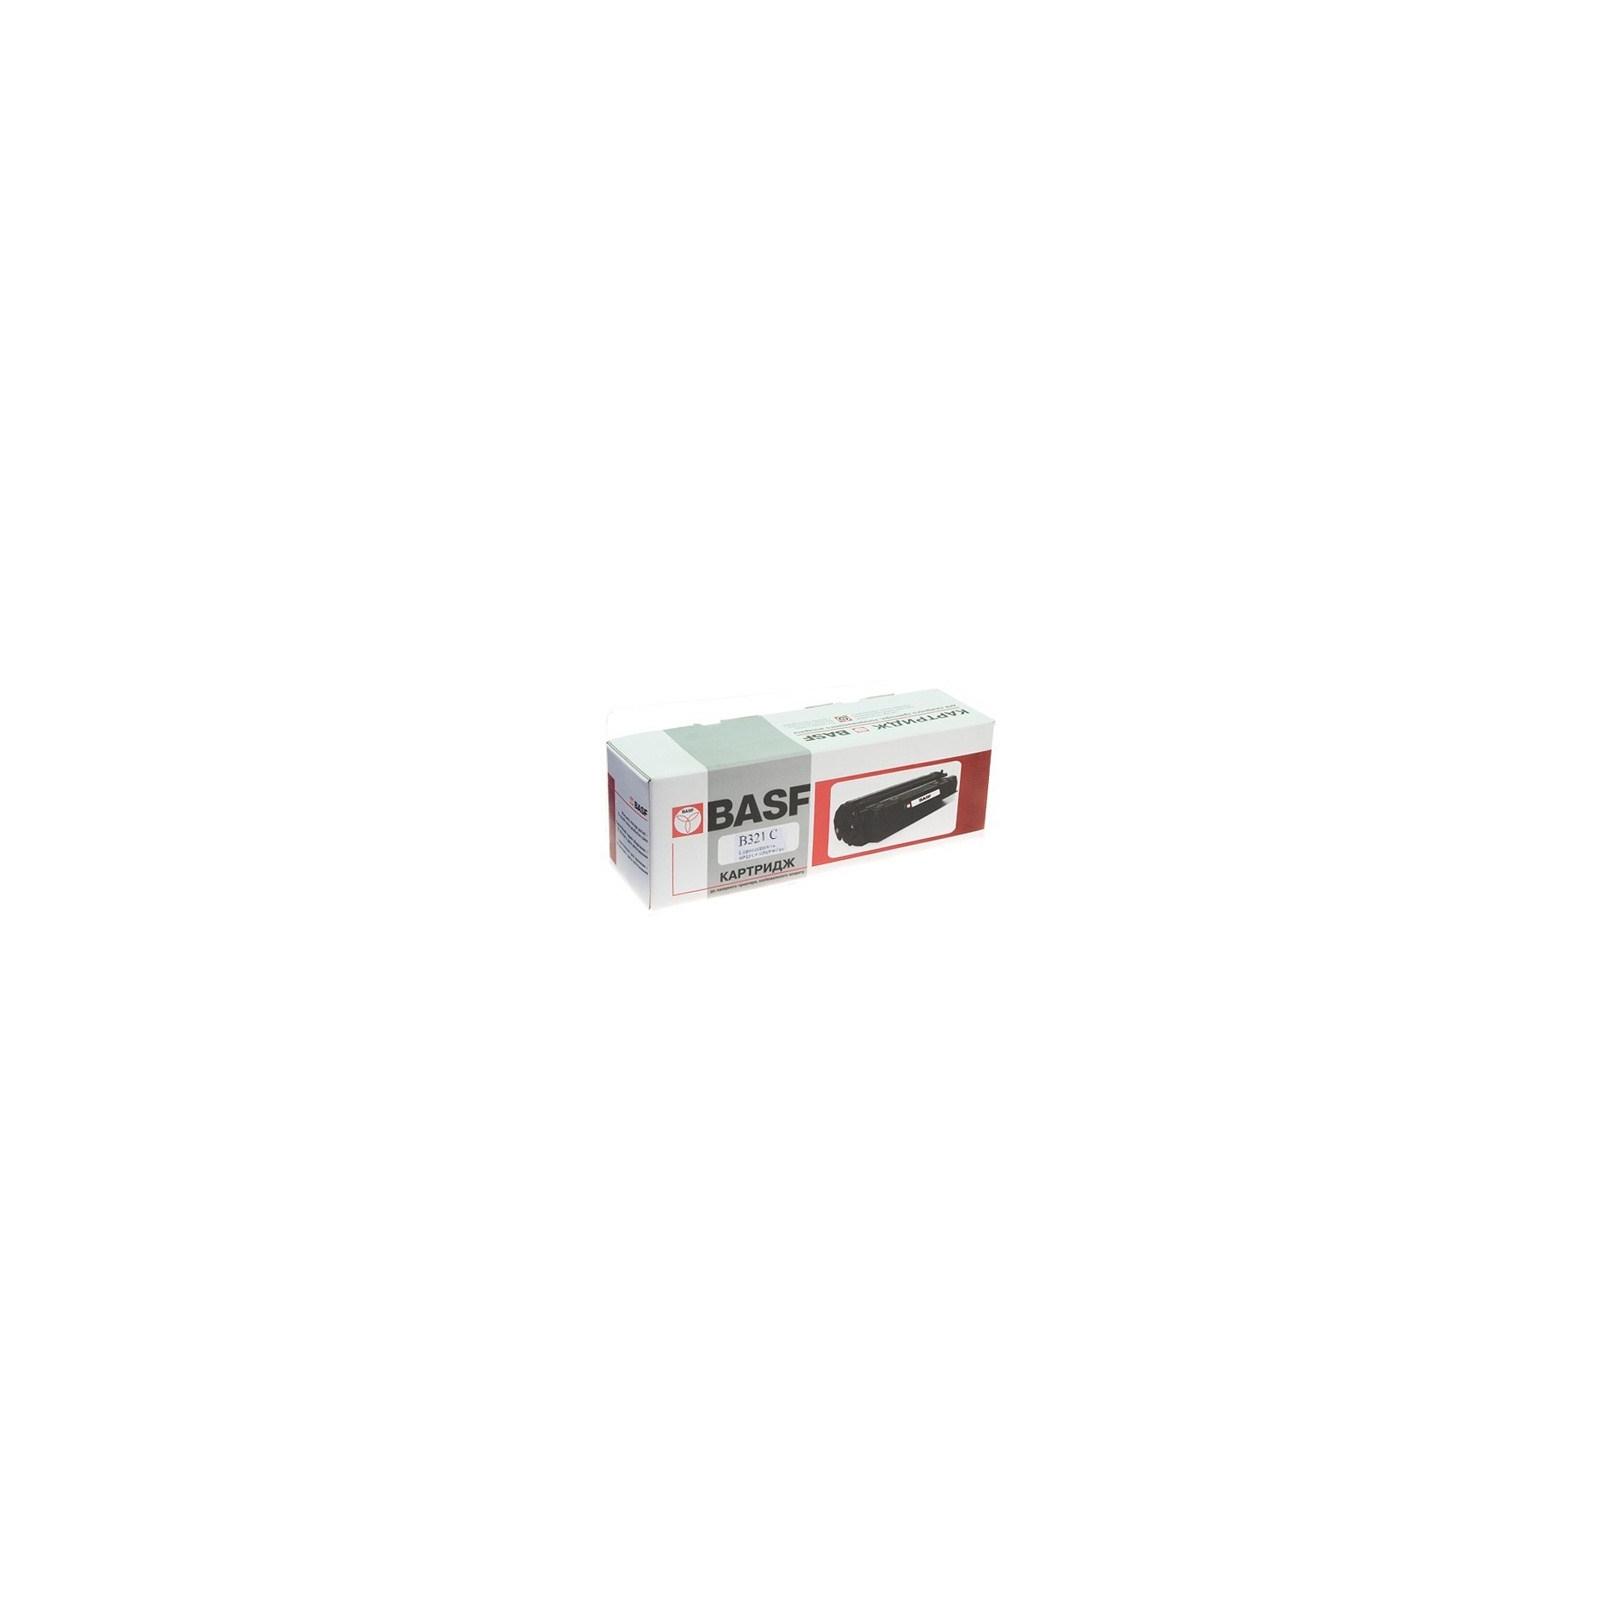 Картридж BASF для HP CLJ CP1525n/CM1415fn Cyan (B321)